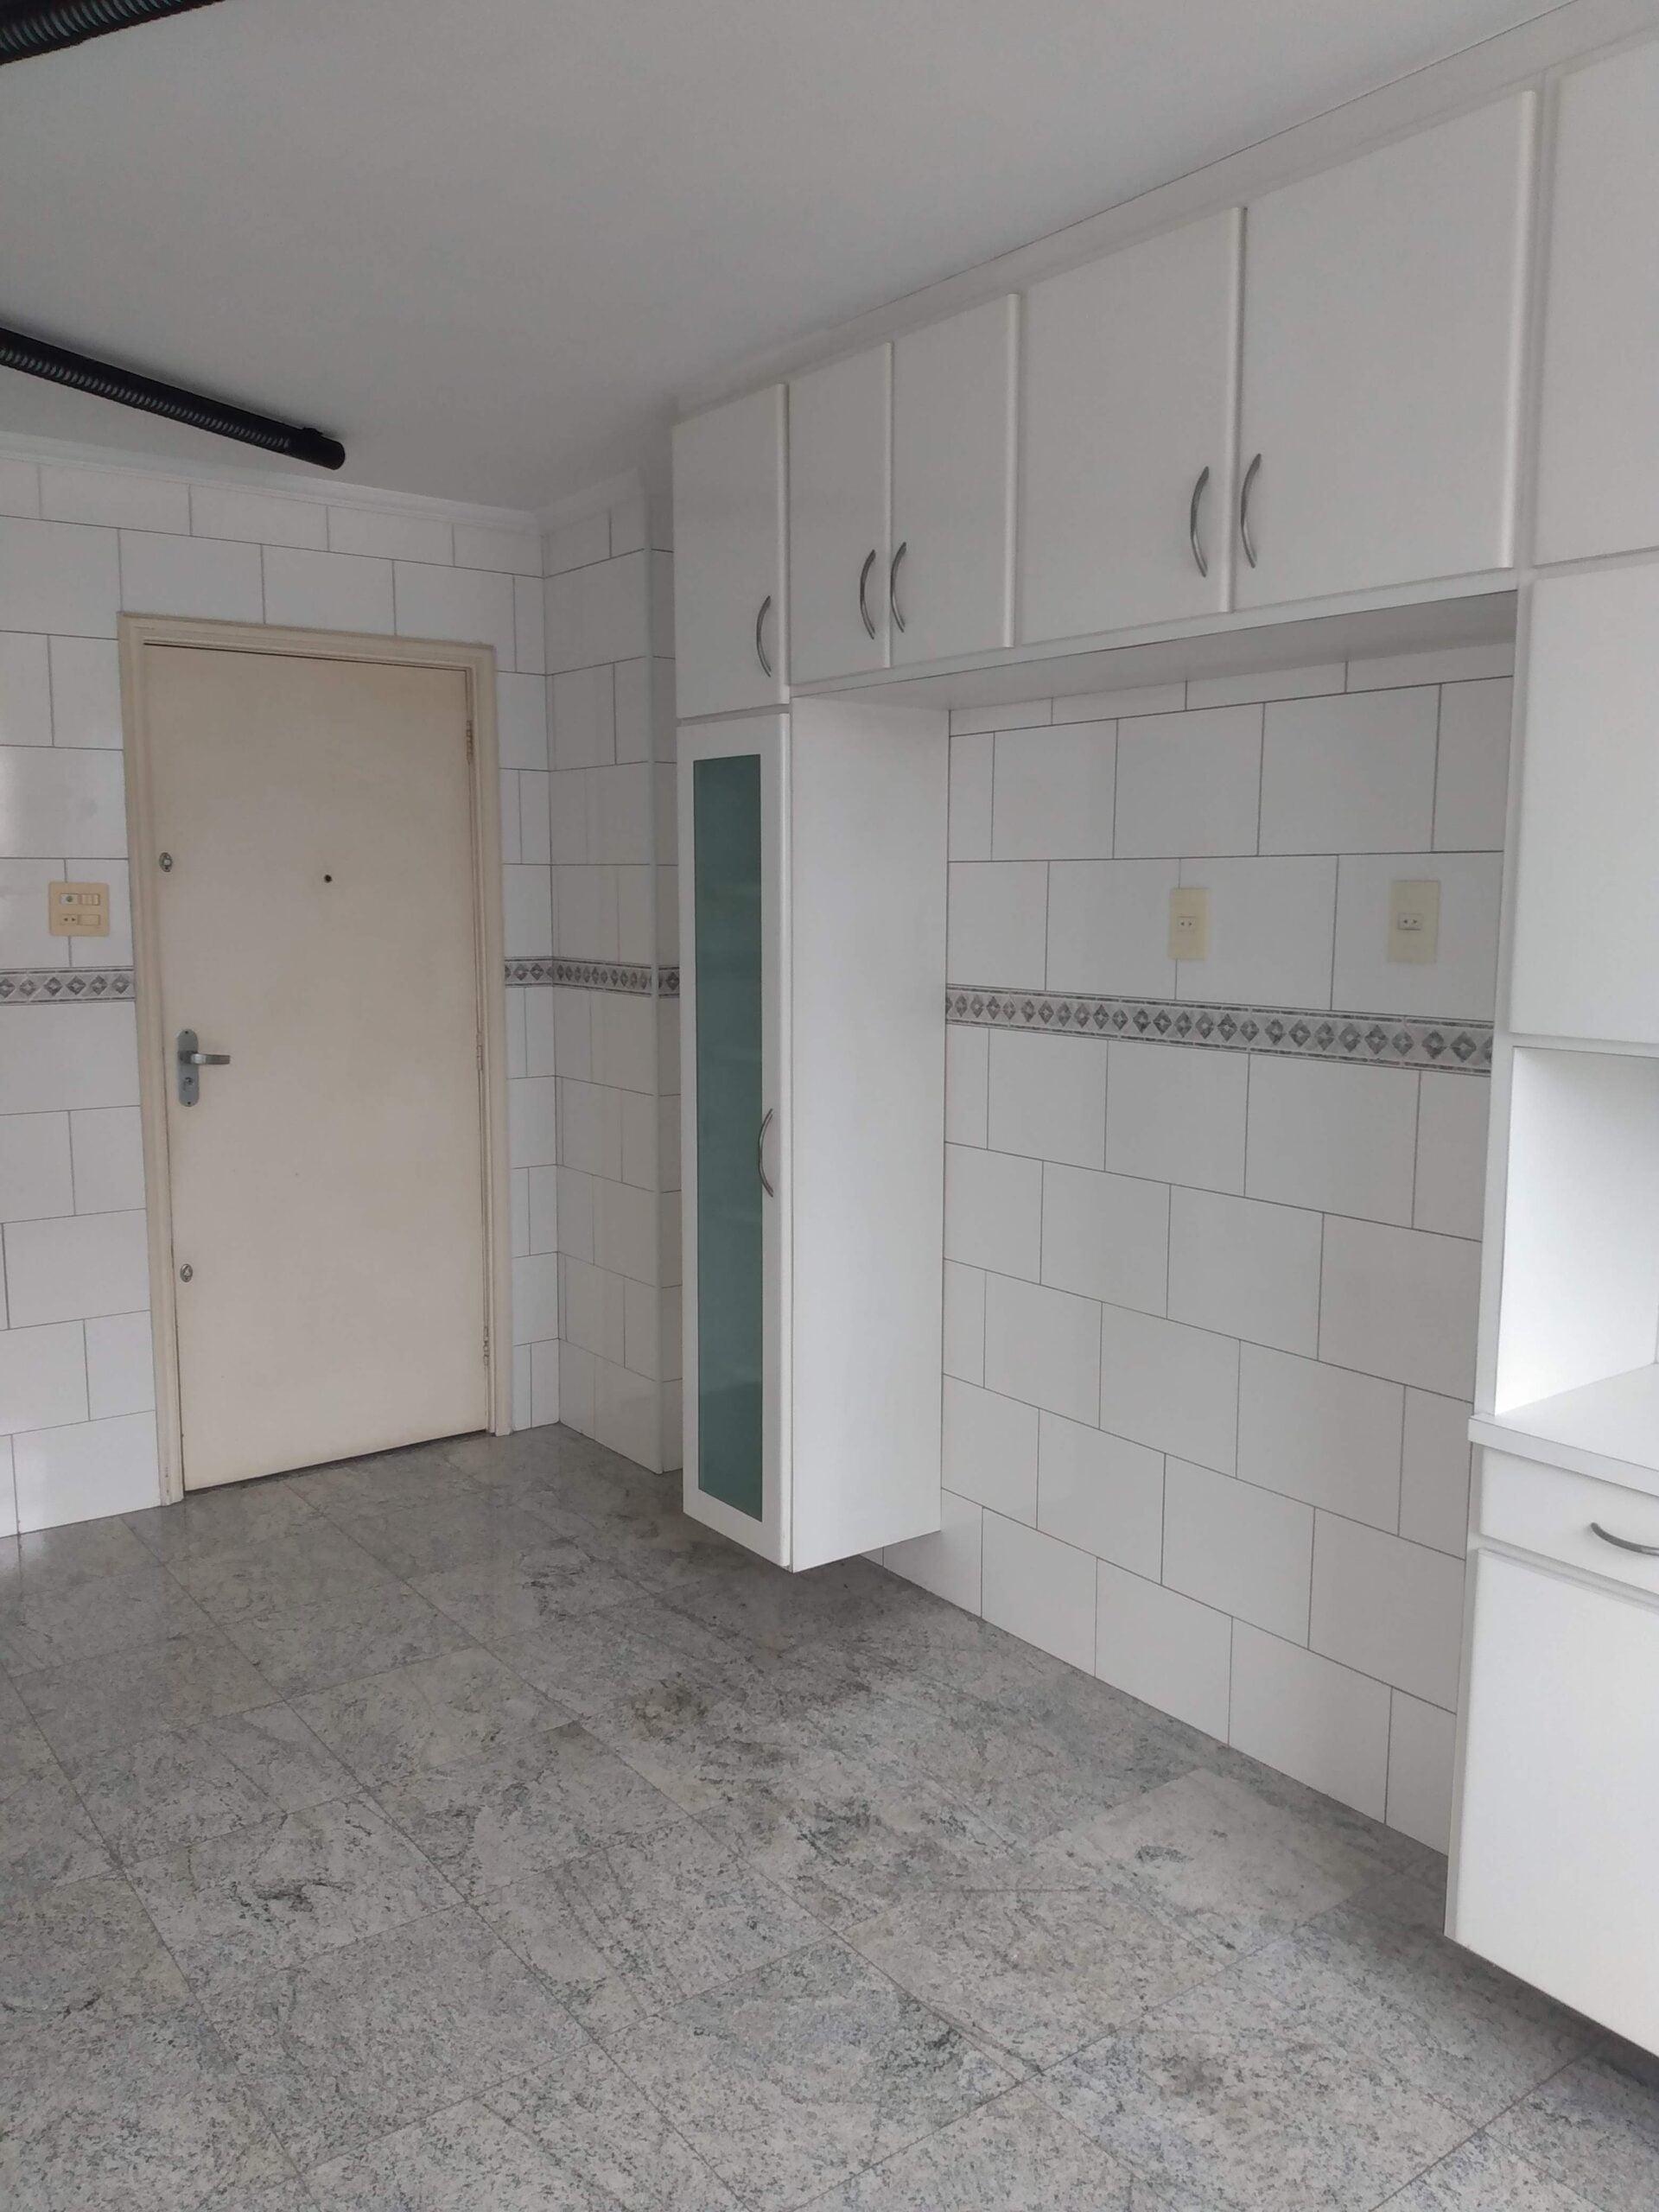 Amplo apartamento no Gonzaga, com ótima vista Livre, 02 dormitórios com armários embutidos, com uma suíte, com dependência completa de empregada. - foto 27